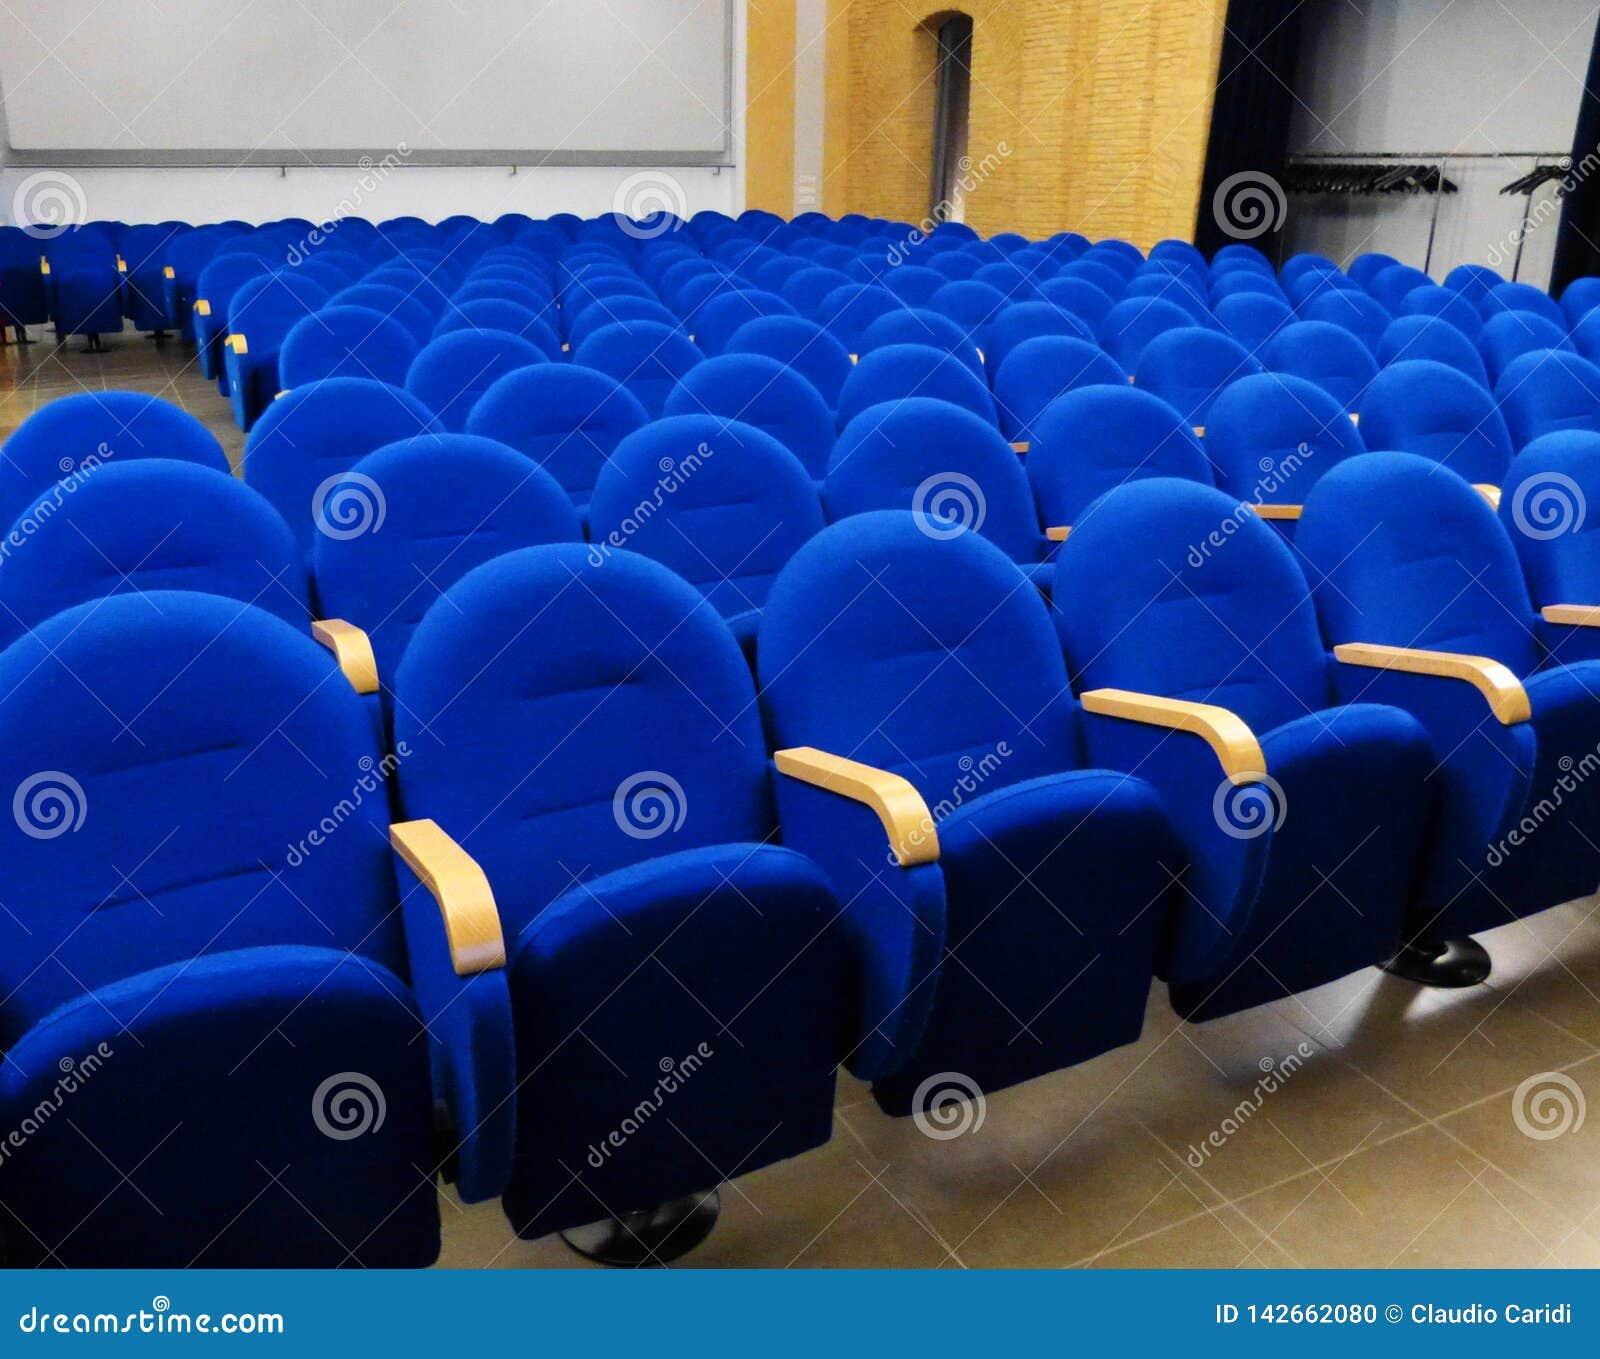 Sala vuota con i sedili blu prima della prestazione